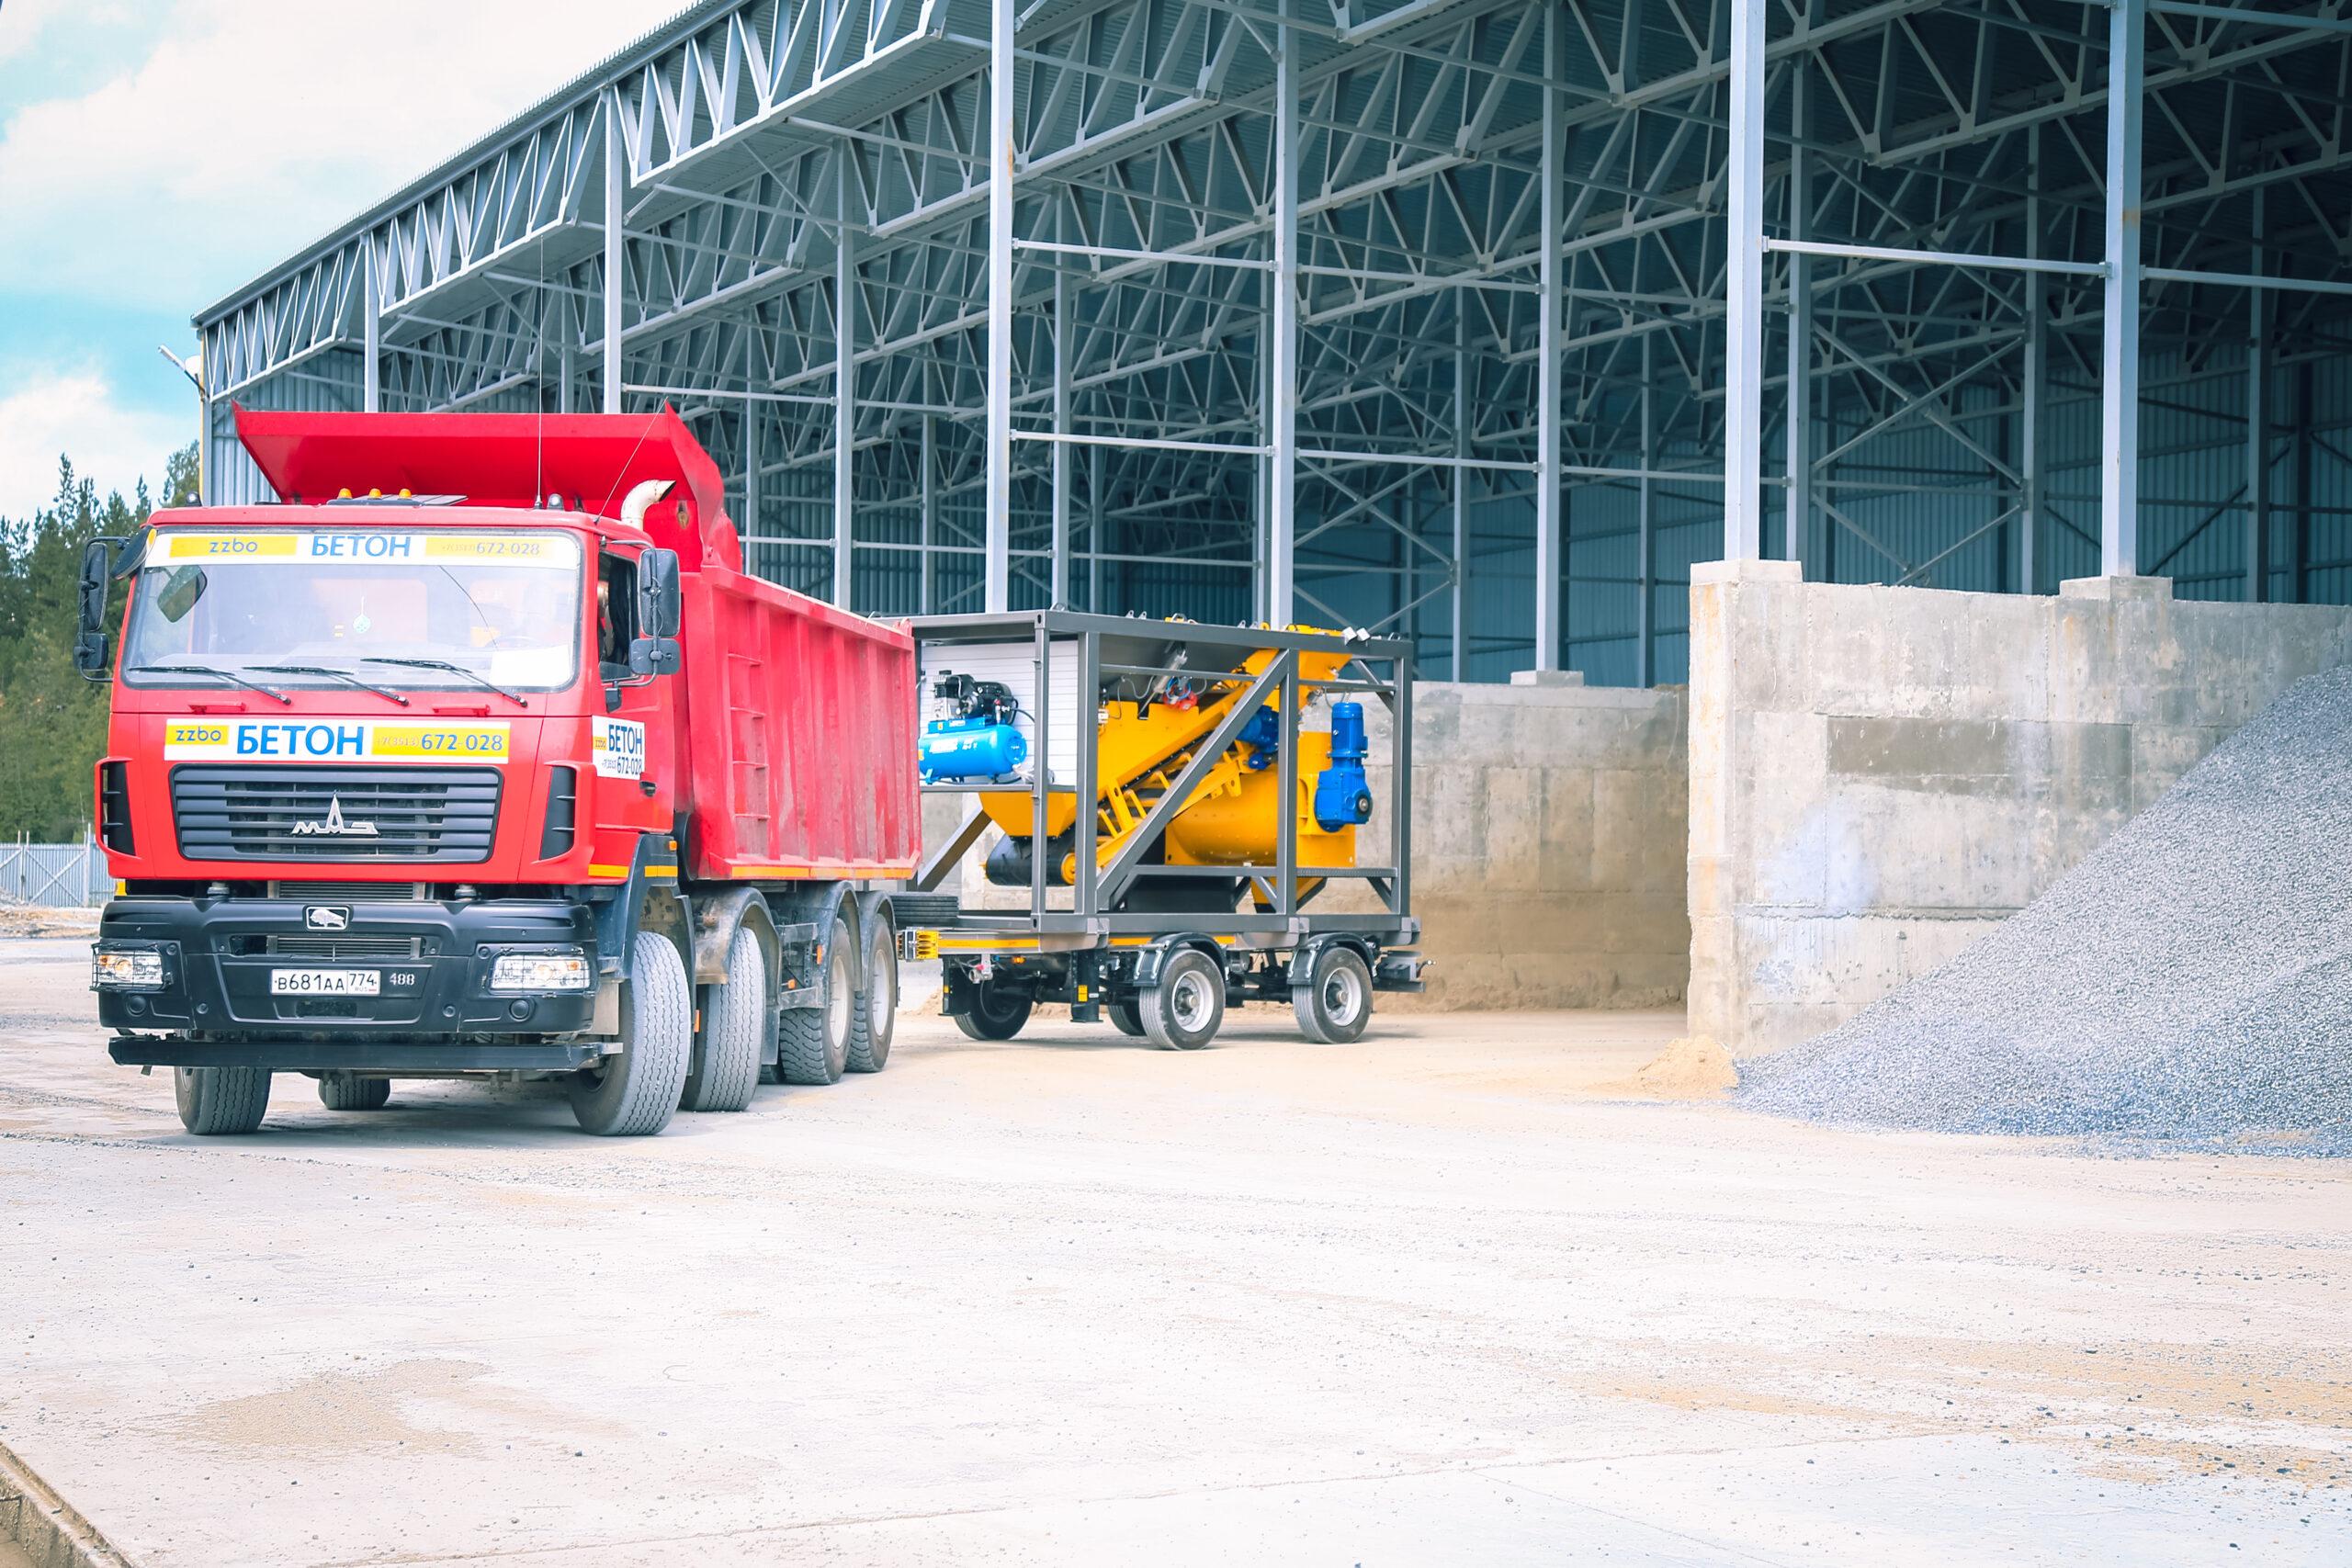 Купил мобильный бетонный завод MCP-20 и сдал его в аренду – профит бетонного бизнеса!